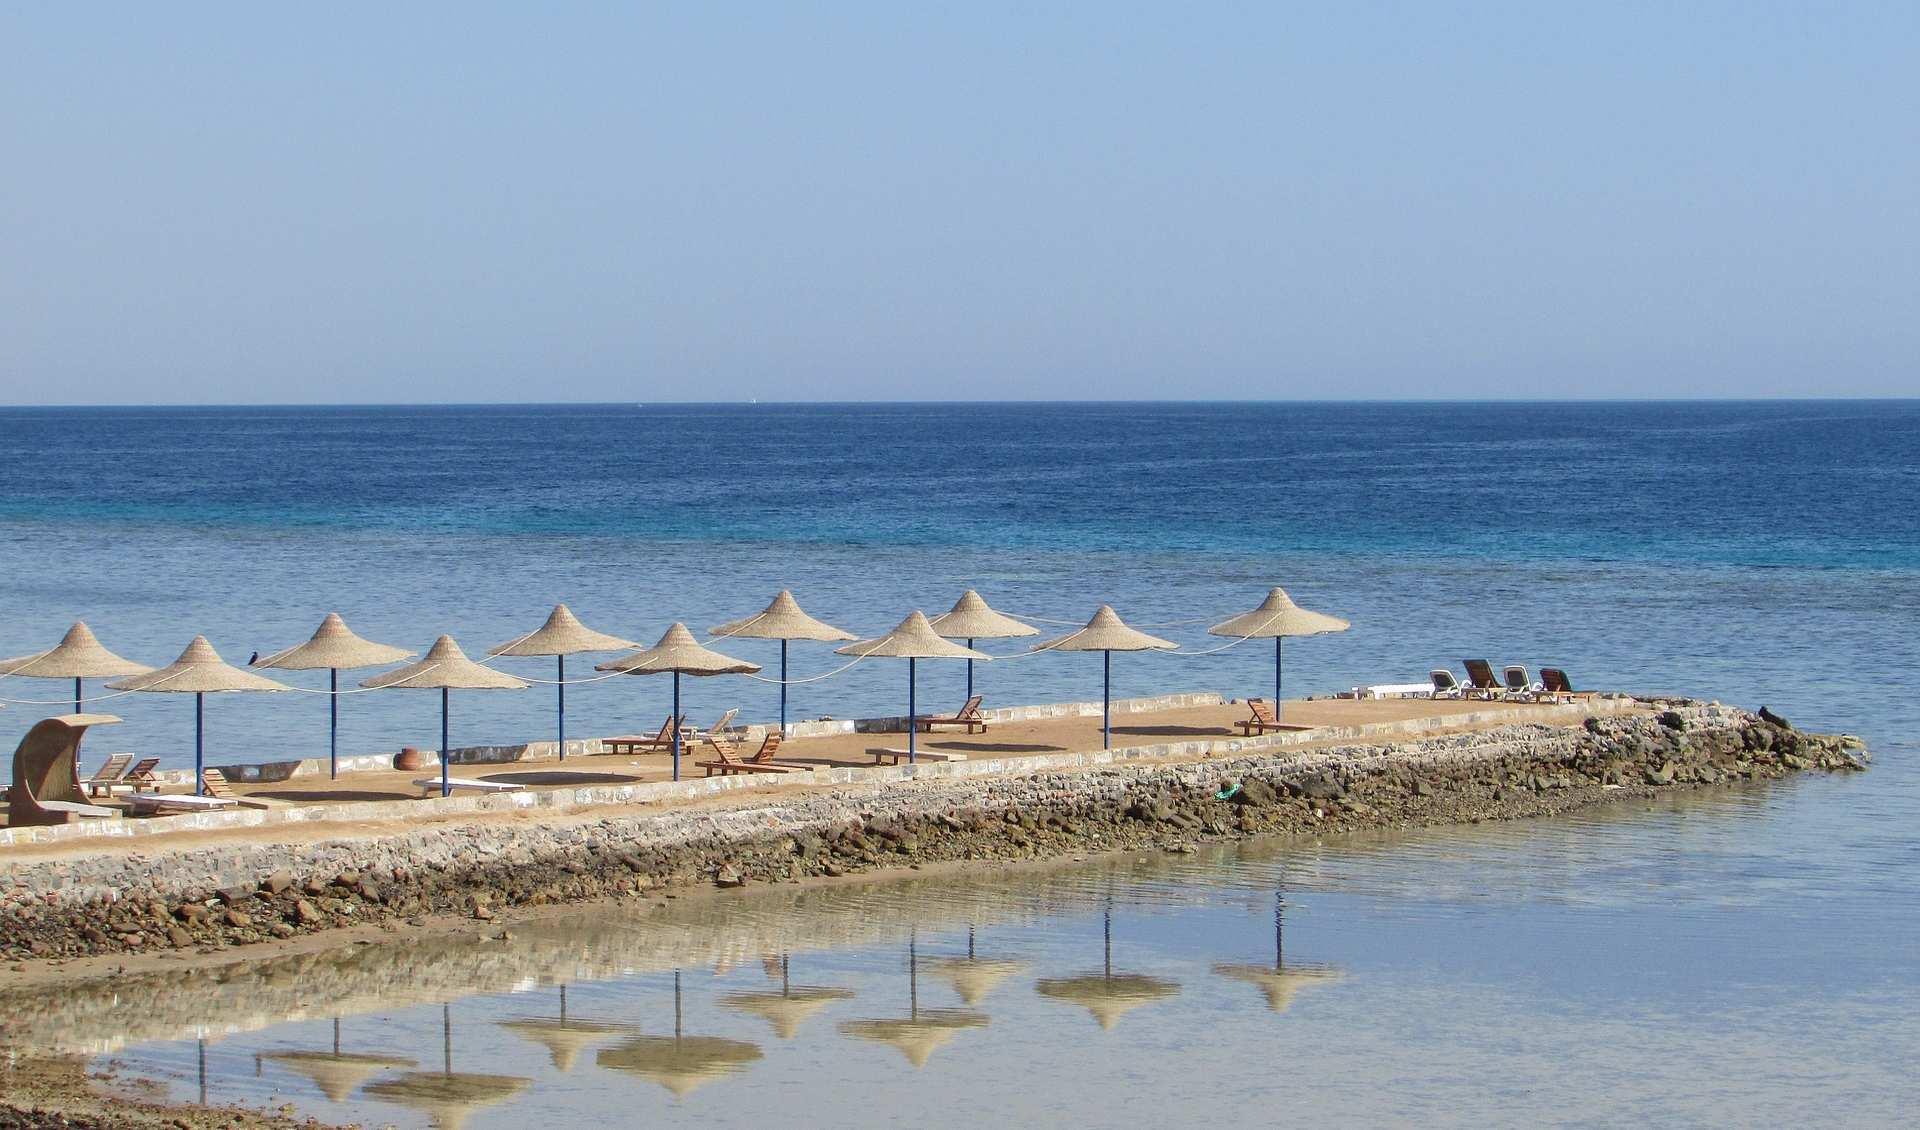 Зарано панікувати з приводу того, що українським туристам ускладнили доступ до єгипетських пляжів, переконують туроператори.